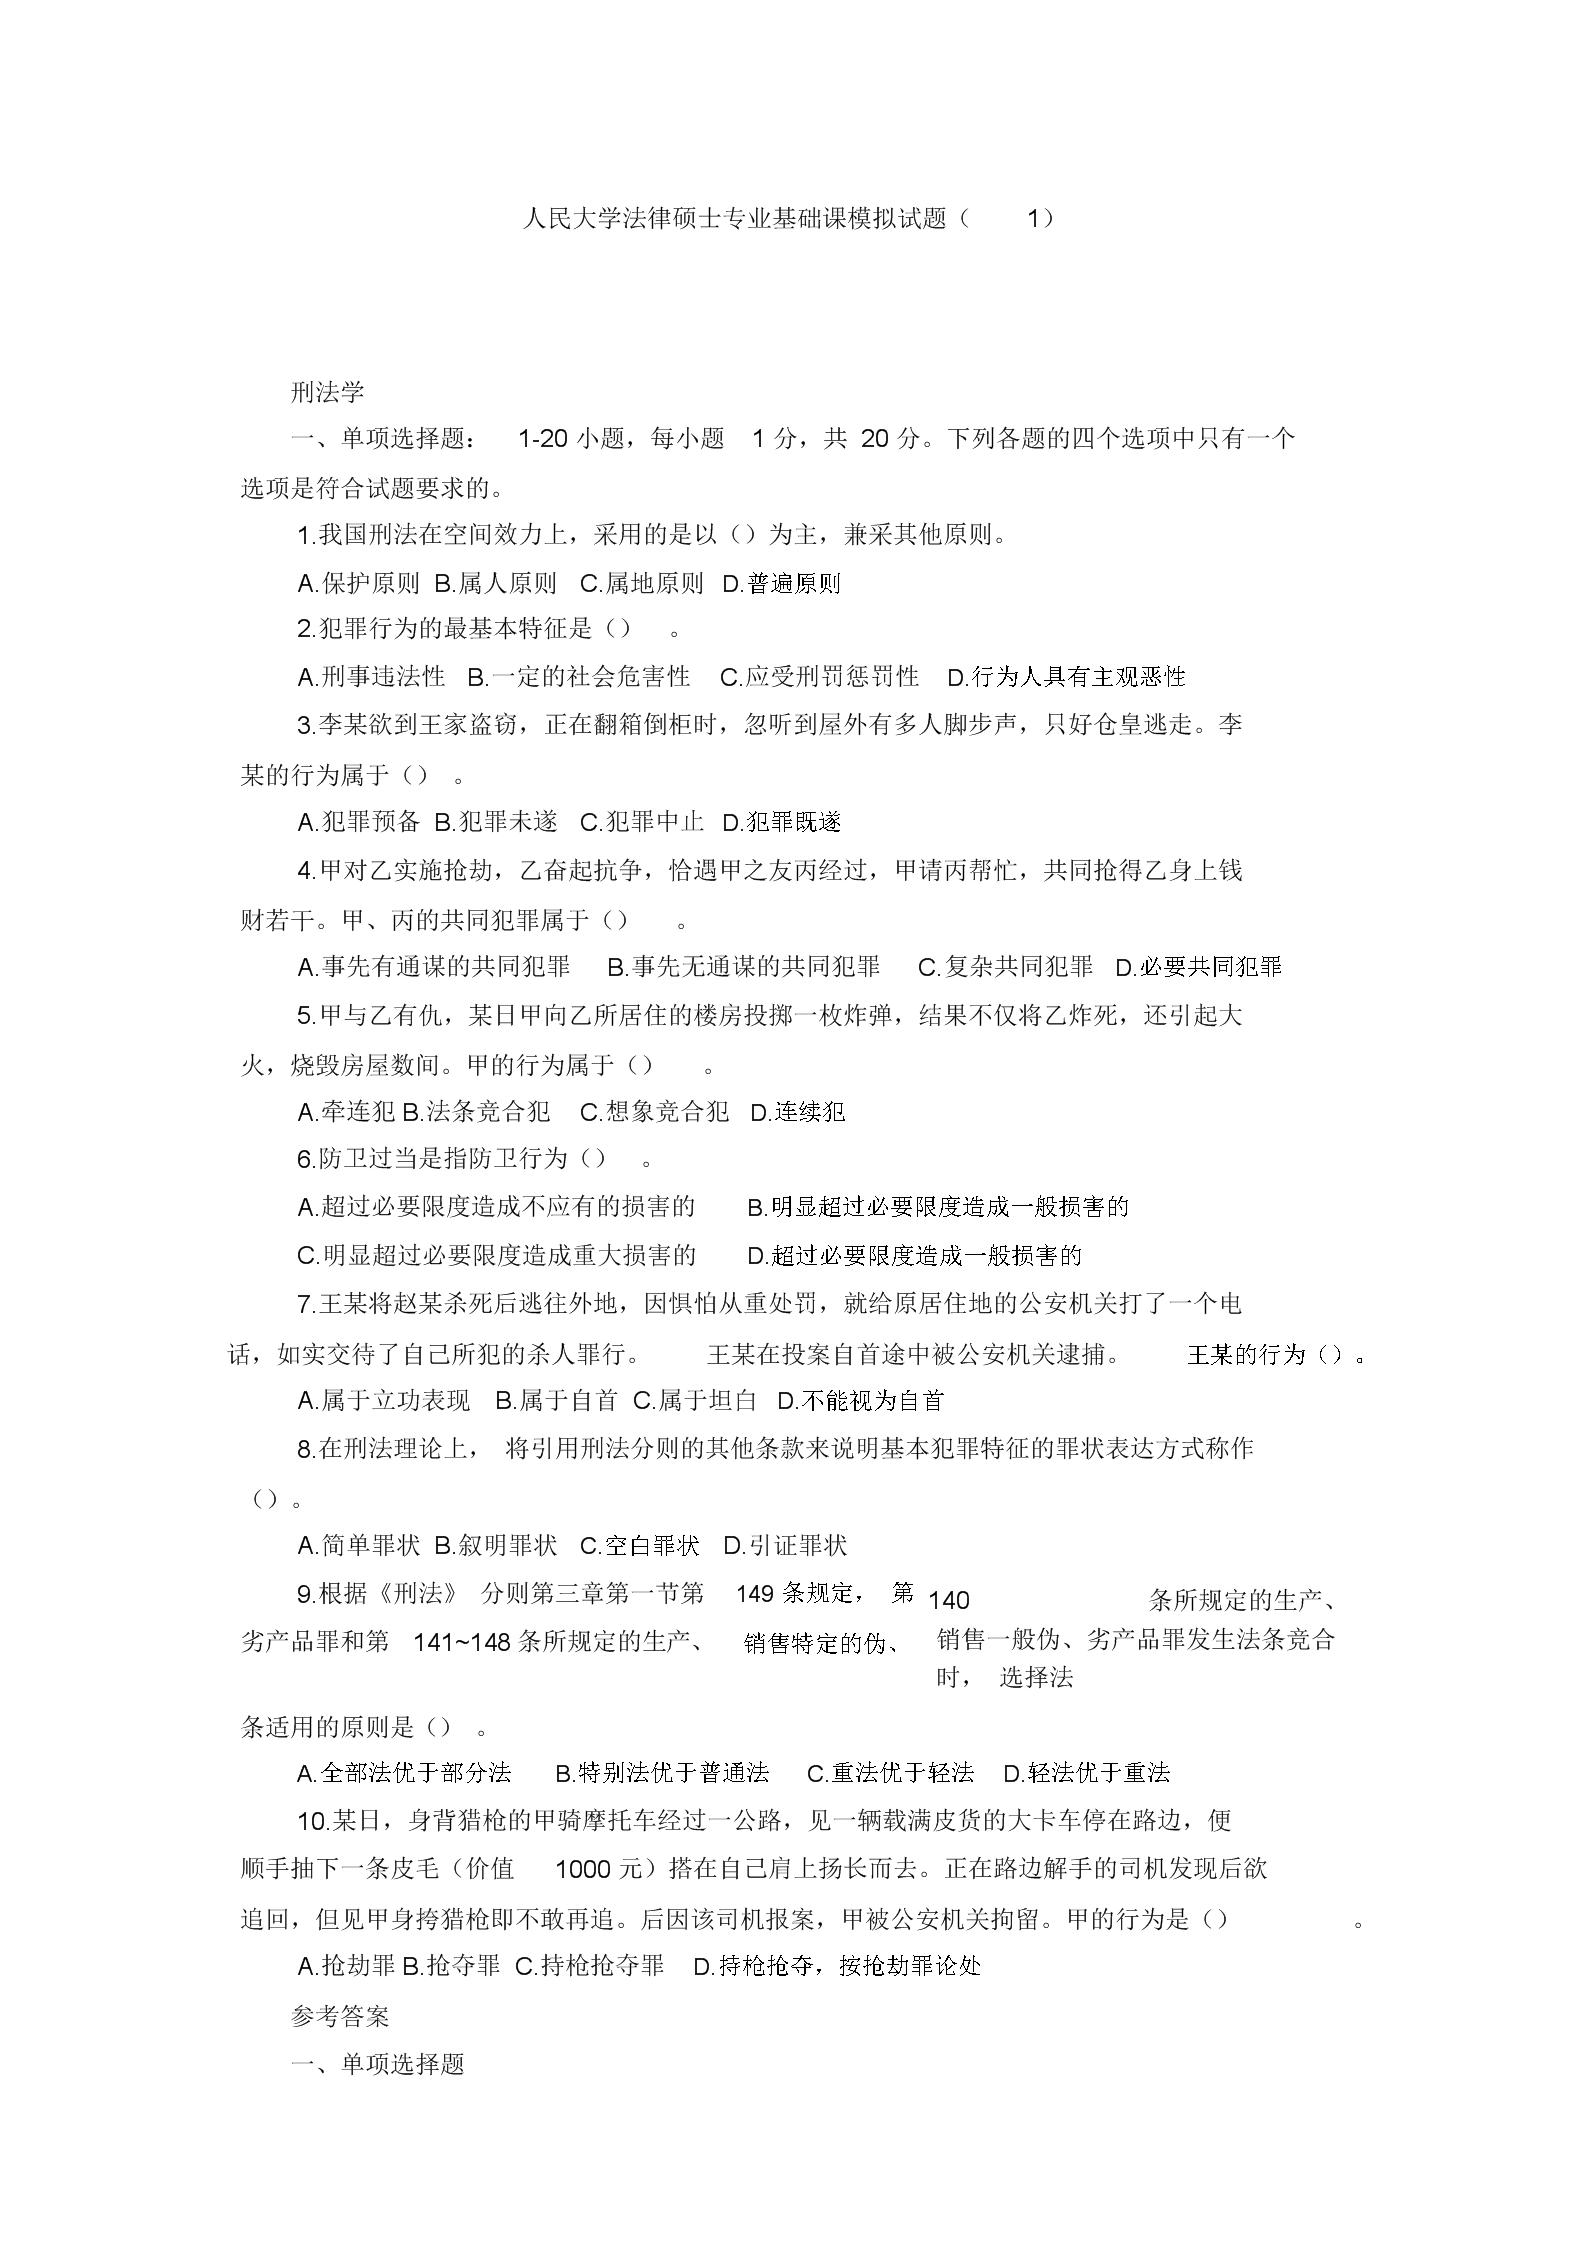 人民大学法律硕士专业基础课模拟试题(1).doc